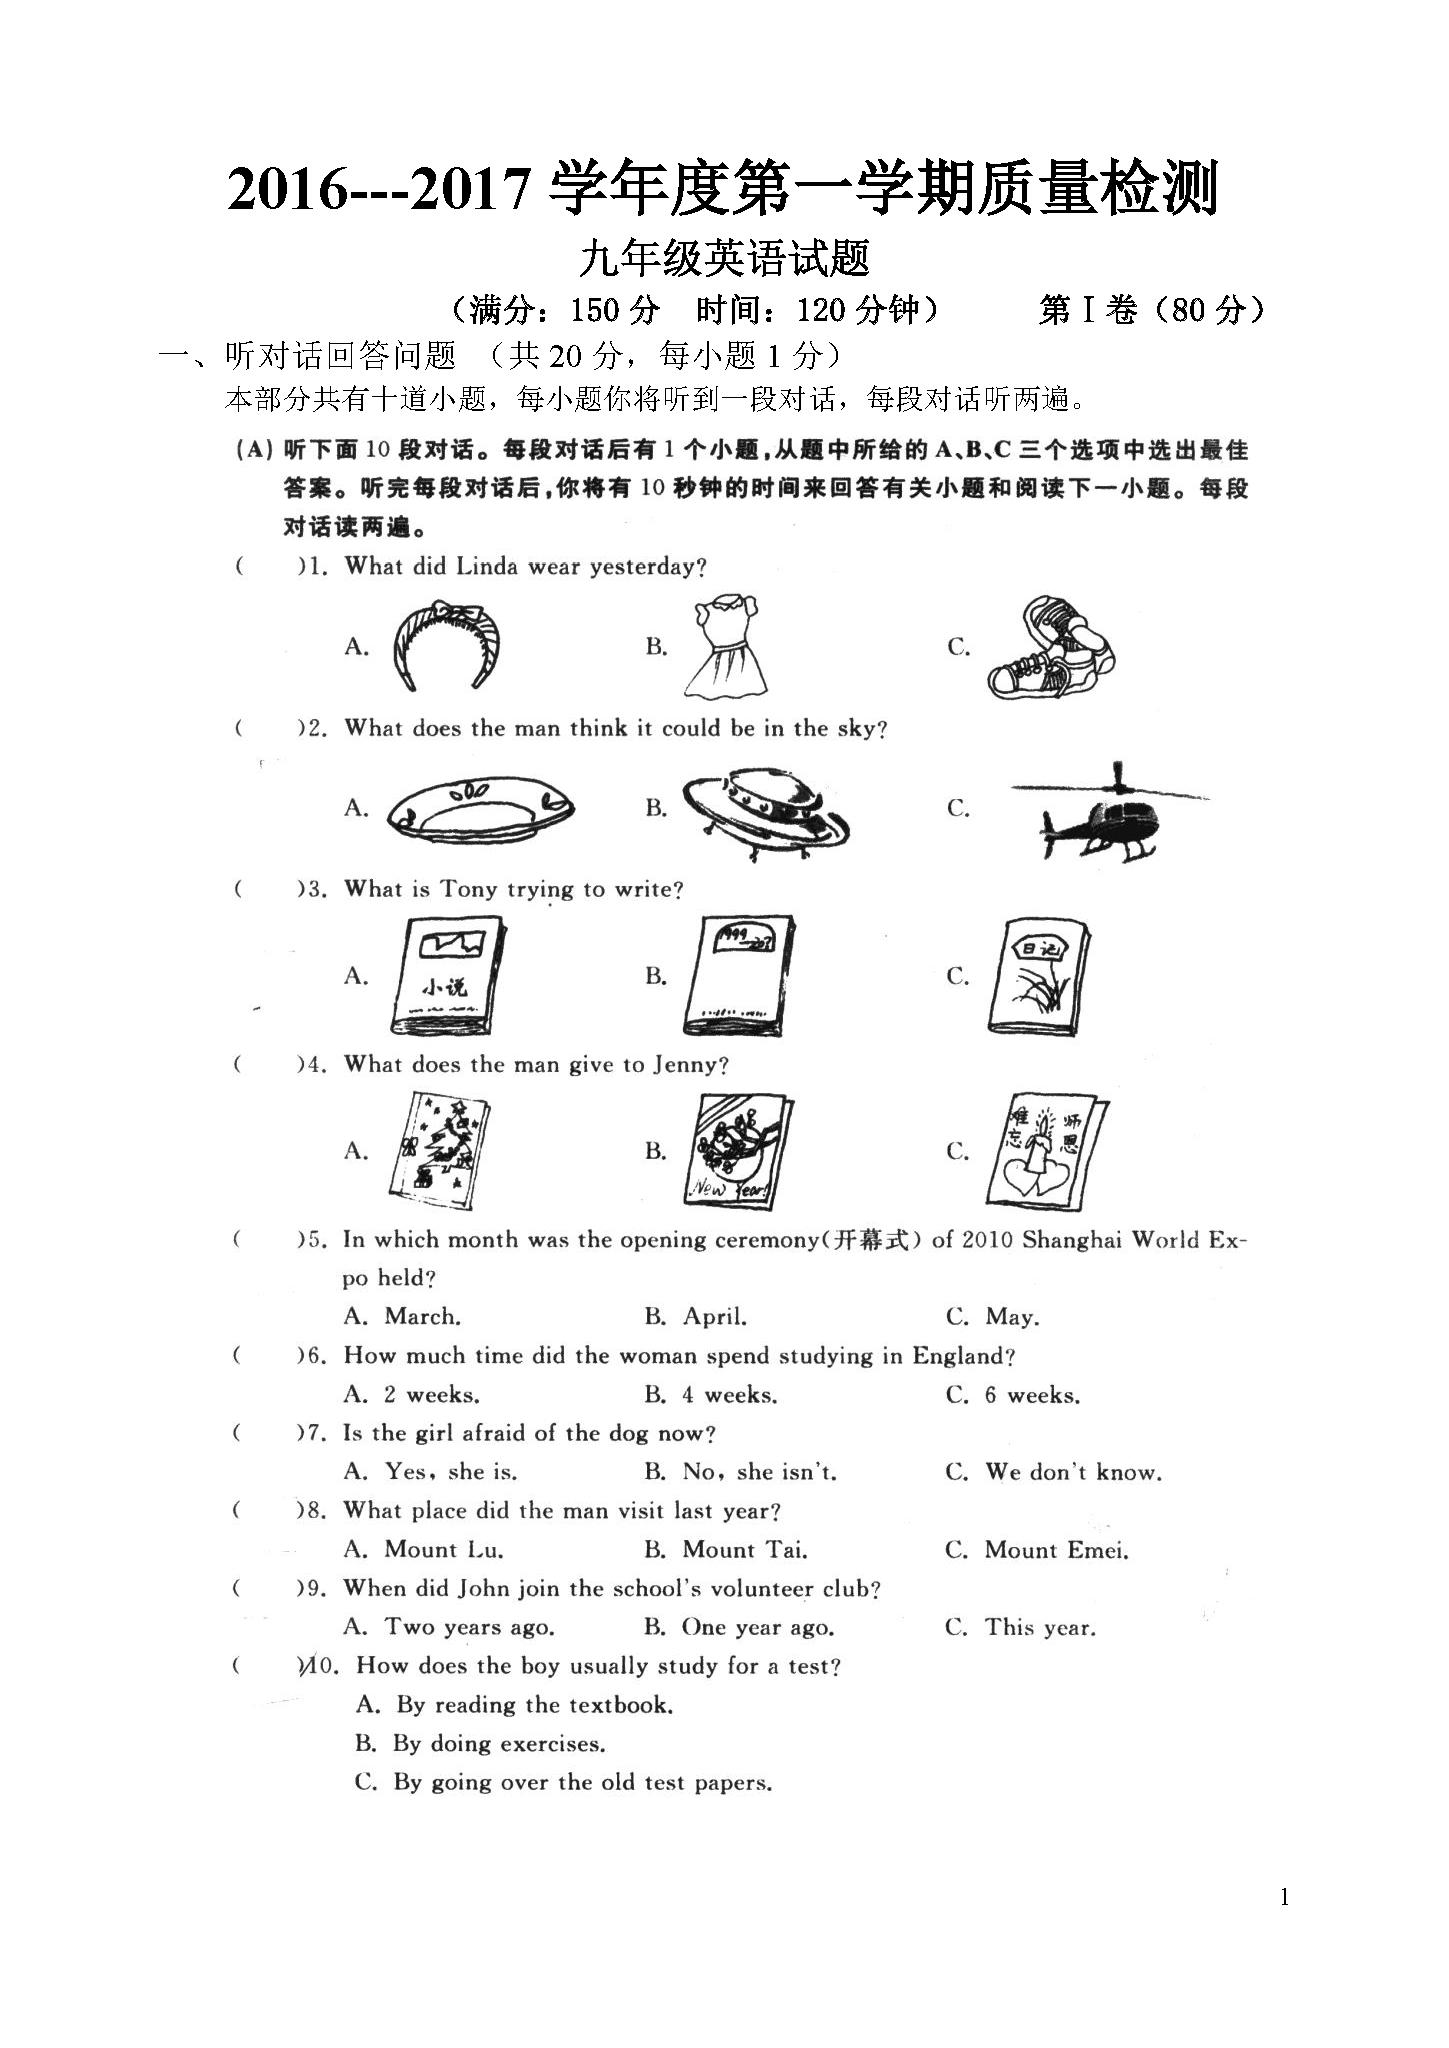 江苏阜宁杨集中学2017-2018九年级英语第一学期第一二单元检测(Word版)